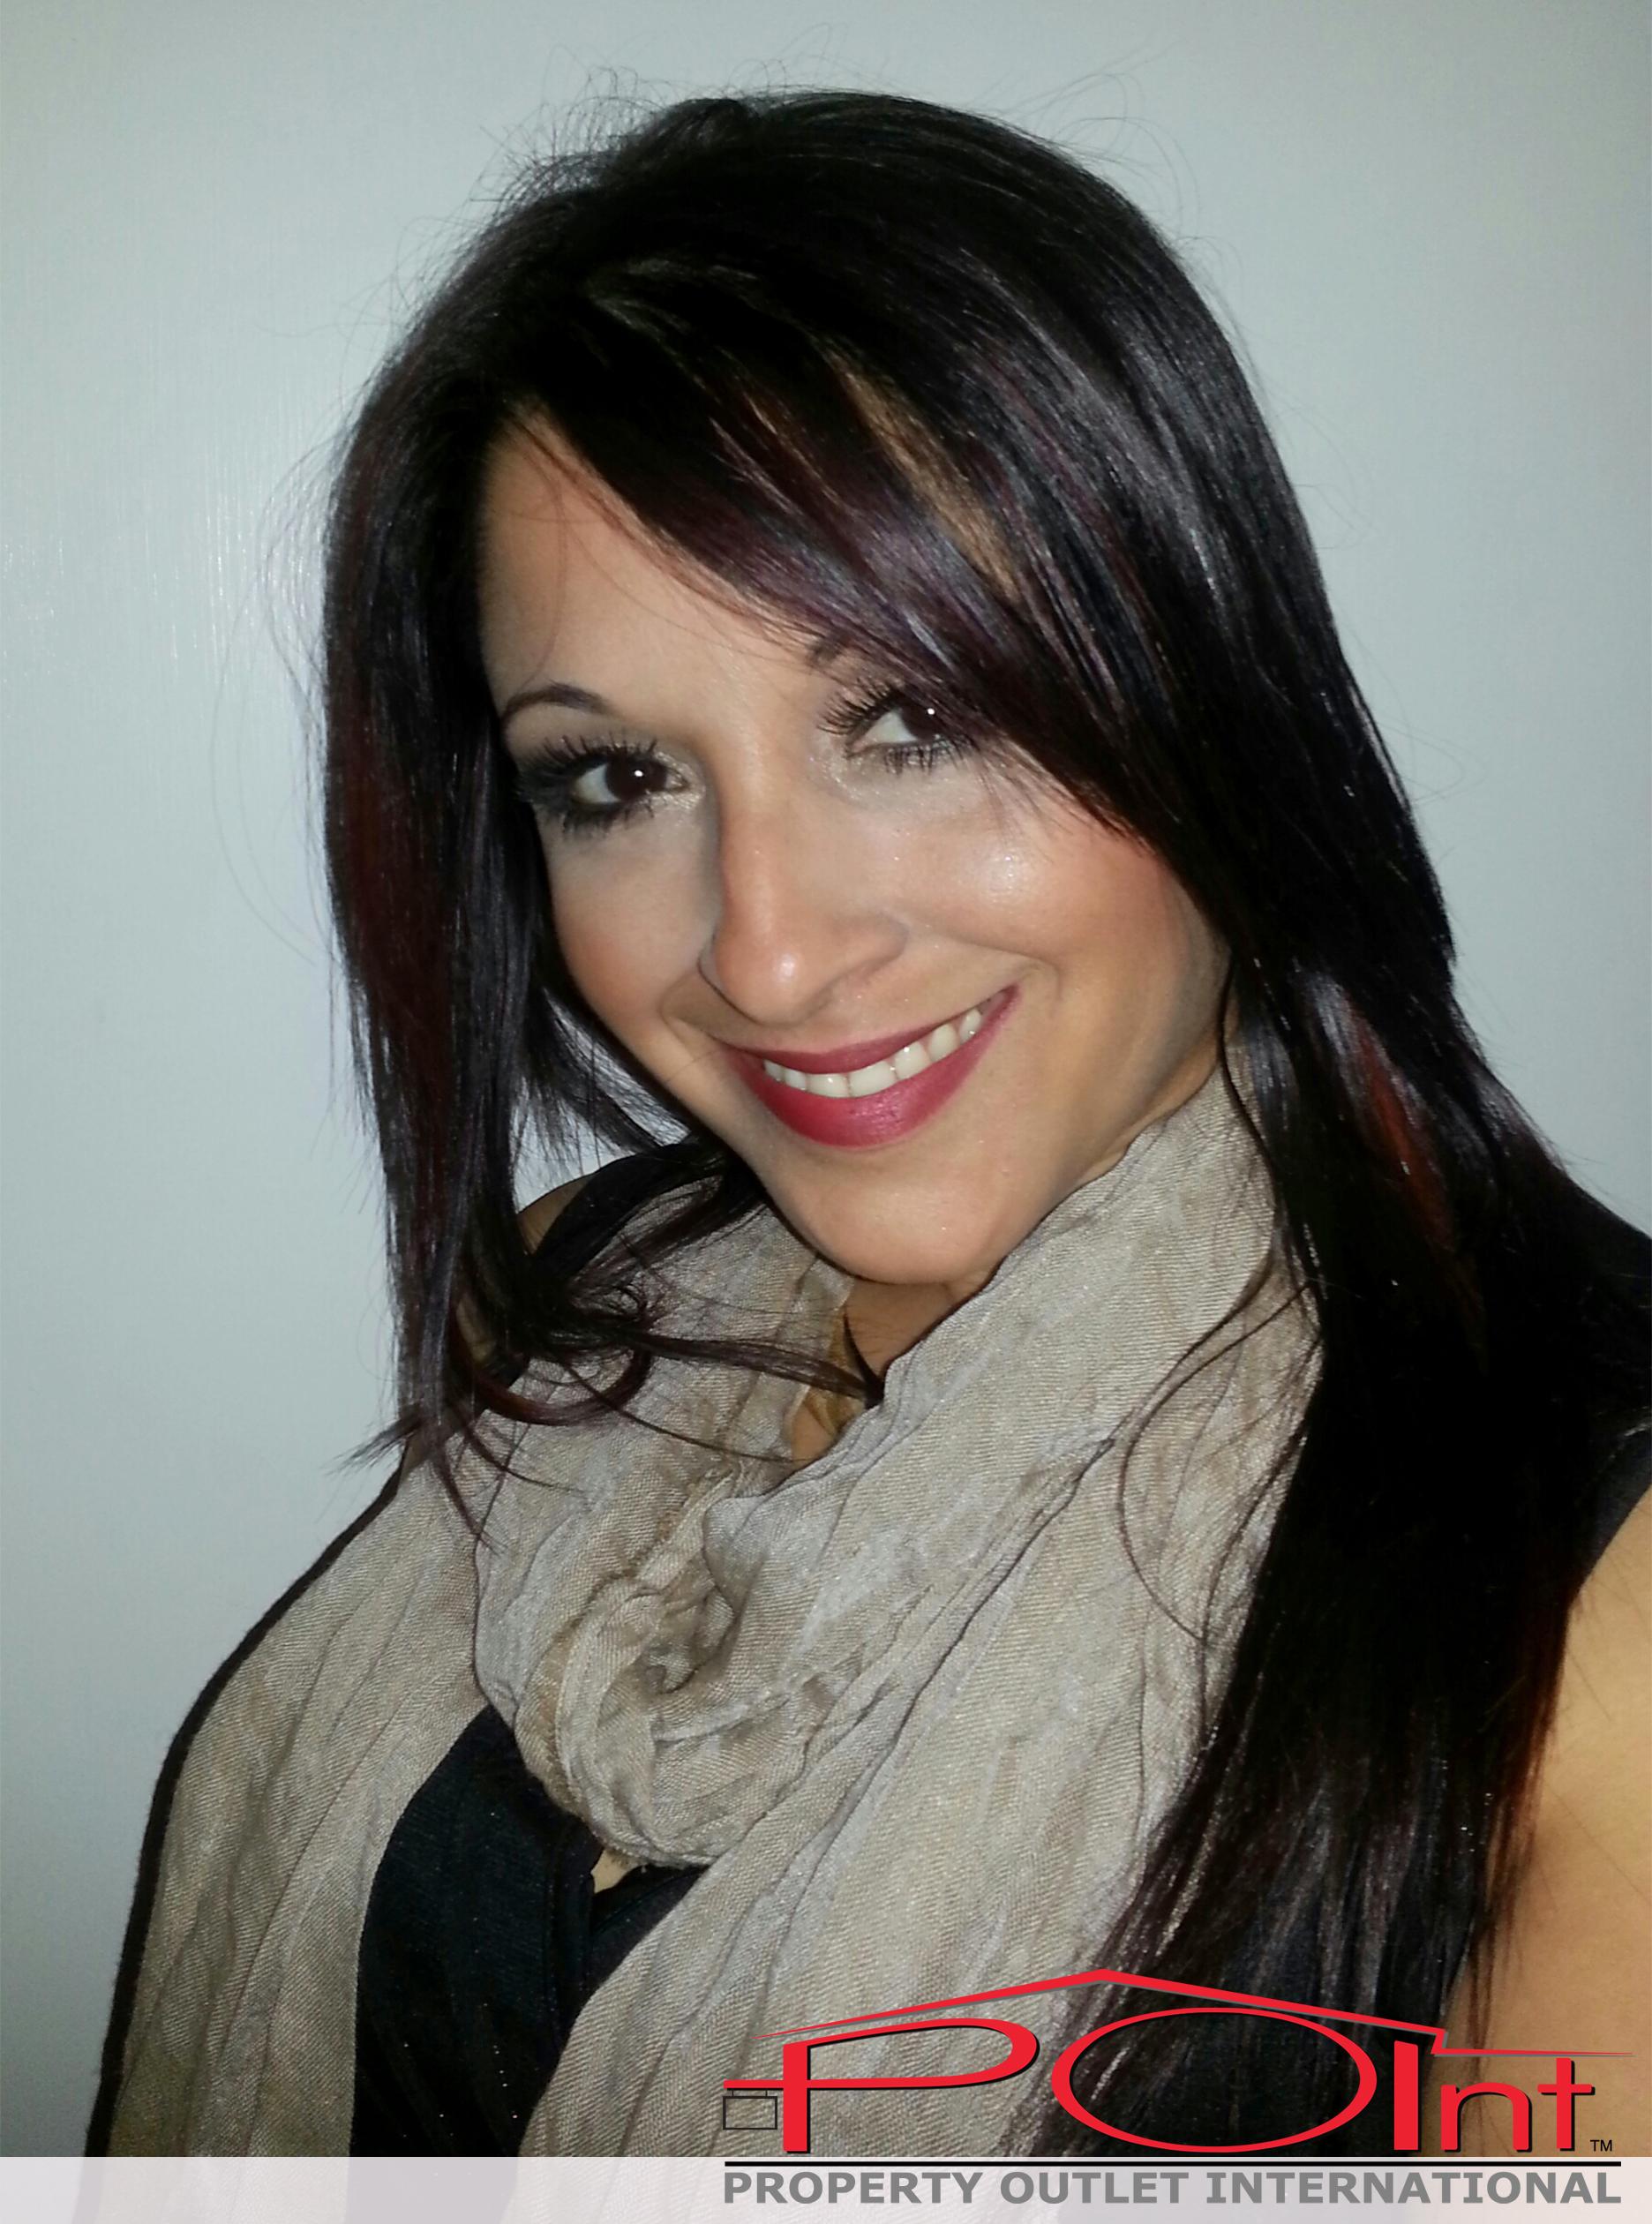 Debbie Clave Clavell-pena